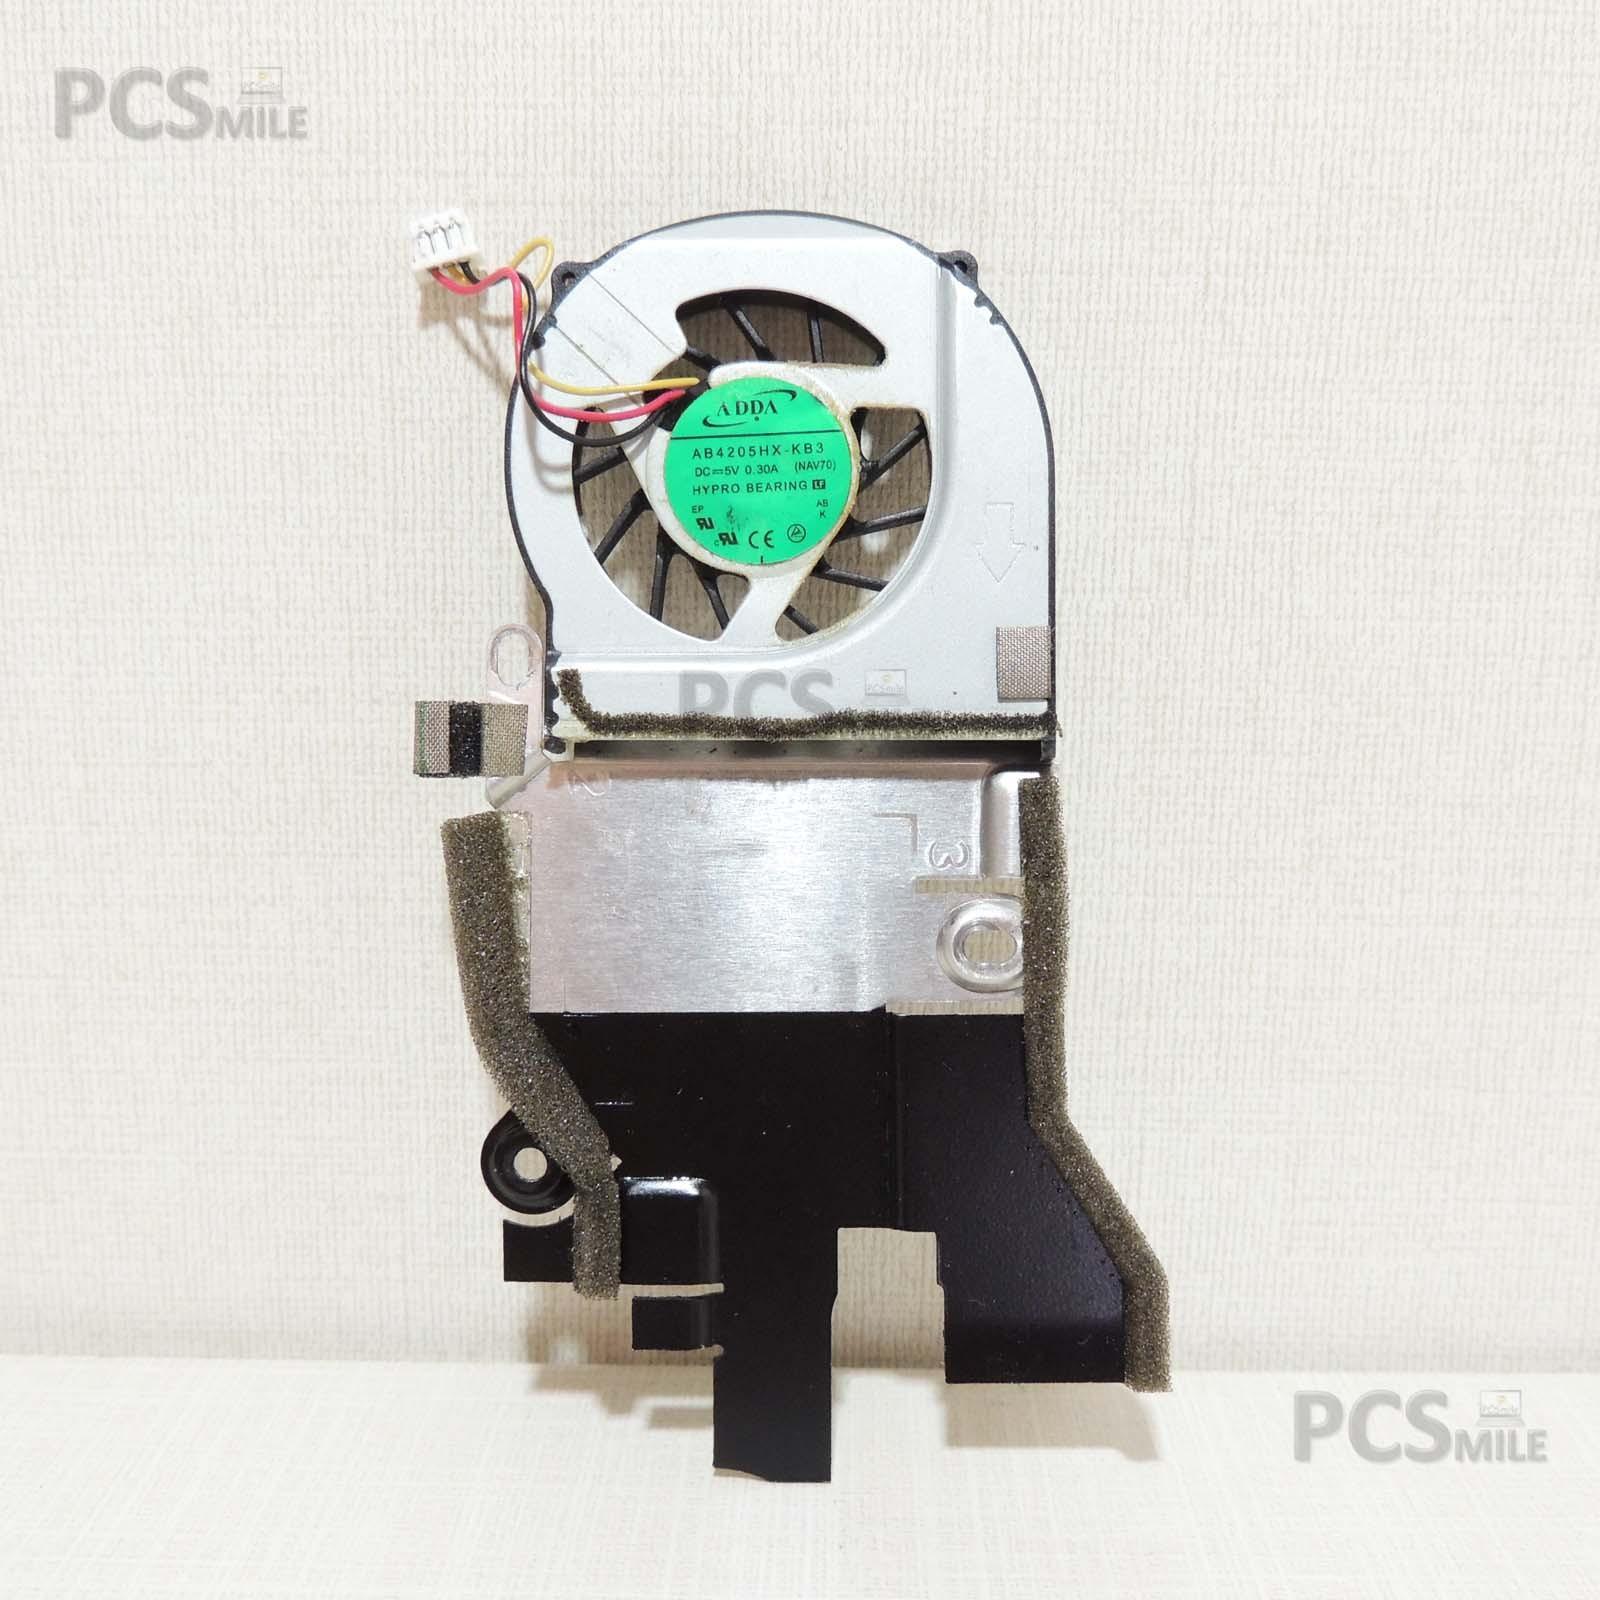 Dissipatore originale Acer Aspire One D260 compreso di ventola AT0DM001AG0 A5Q